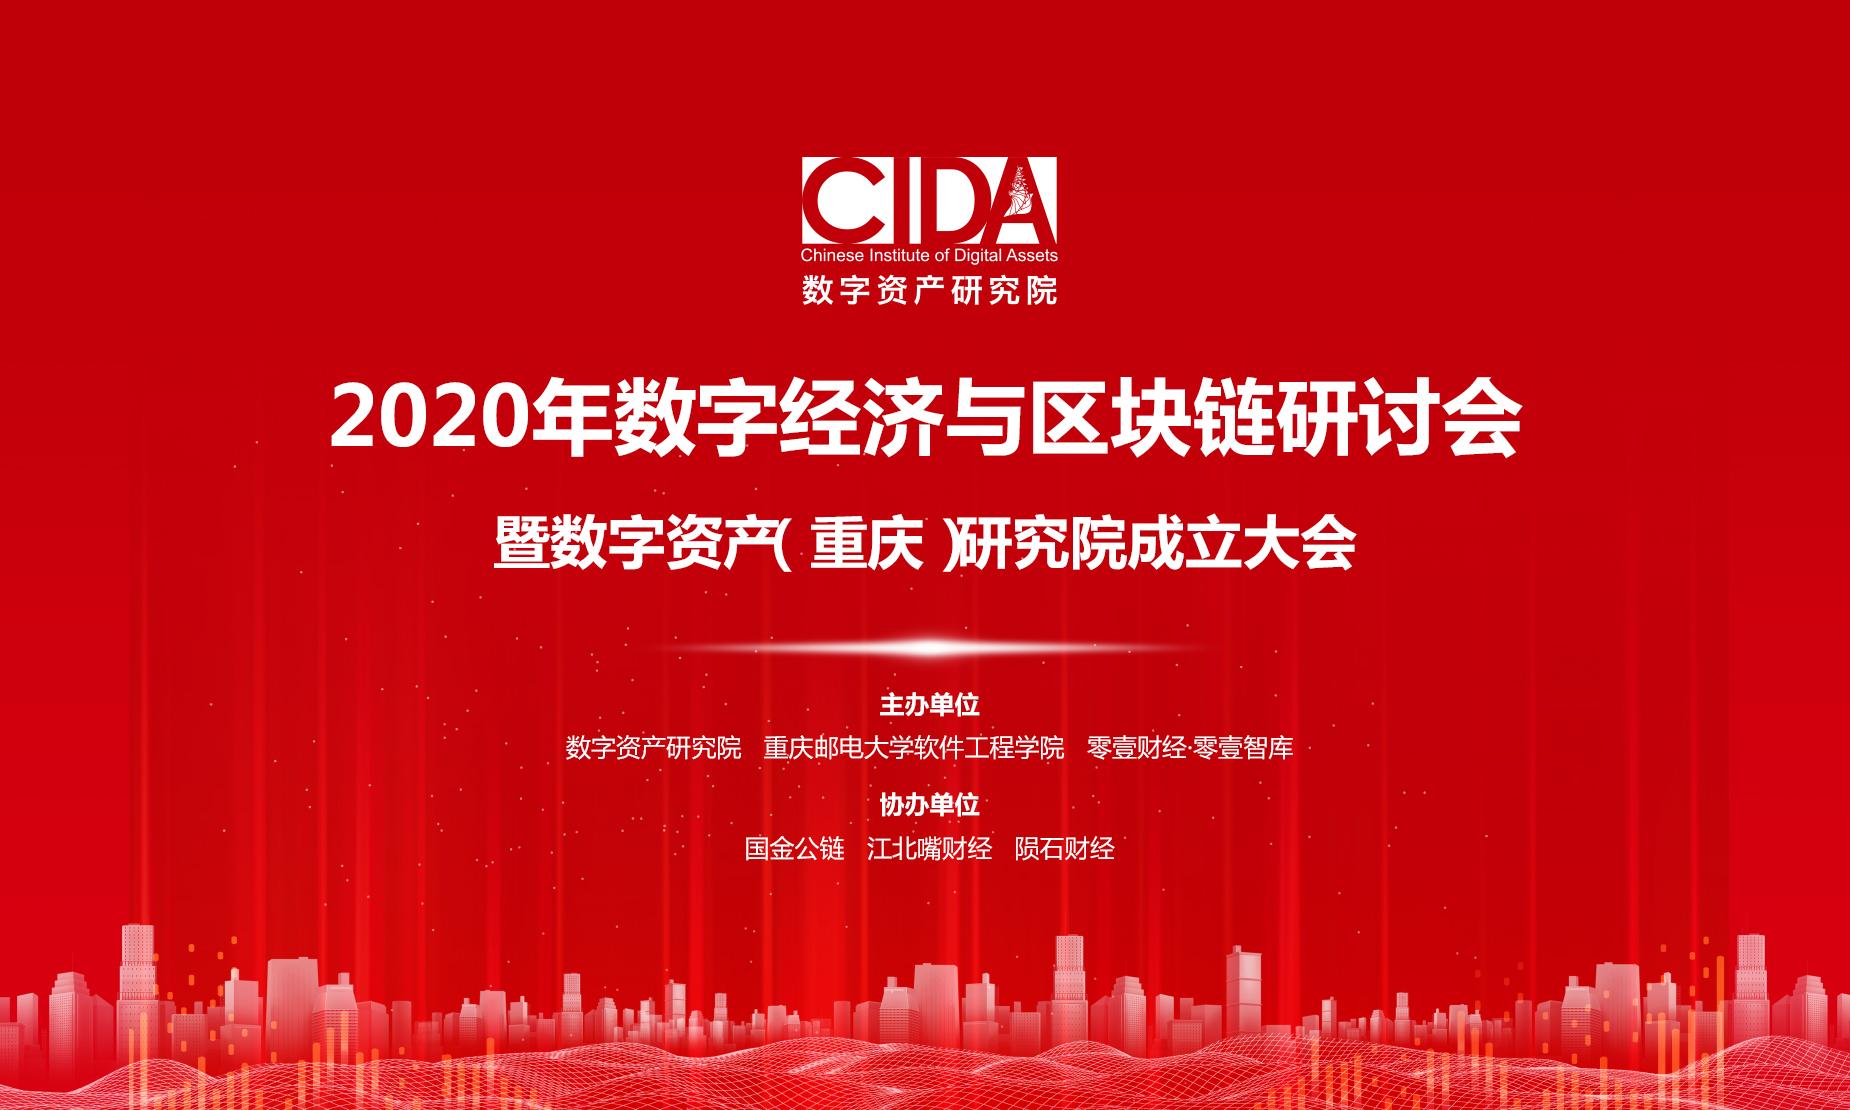 2020年数字经济与区块链研讨会